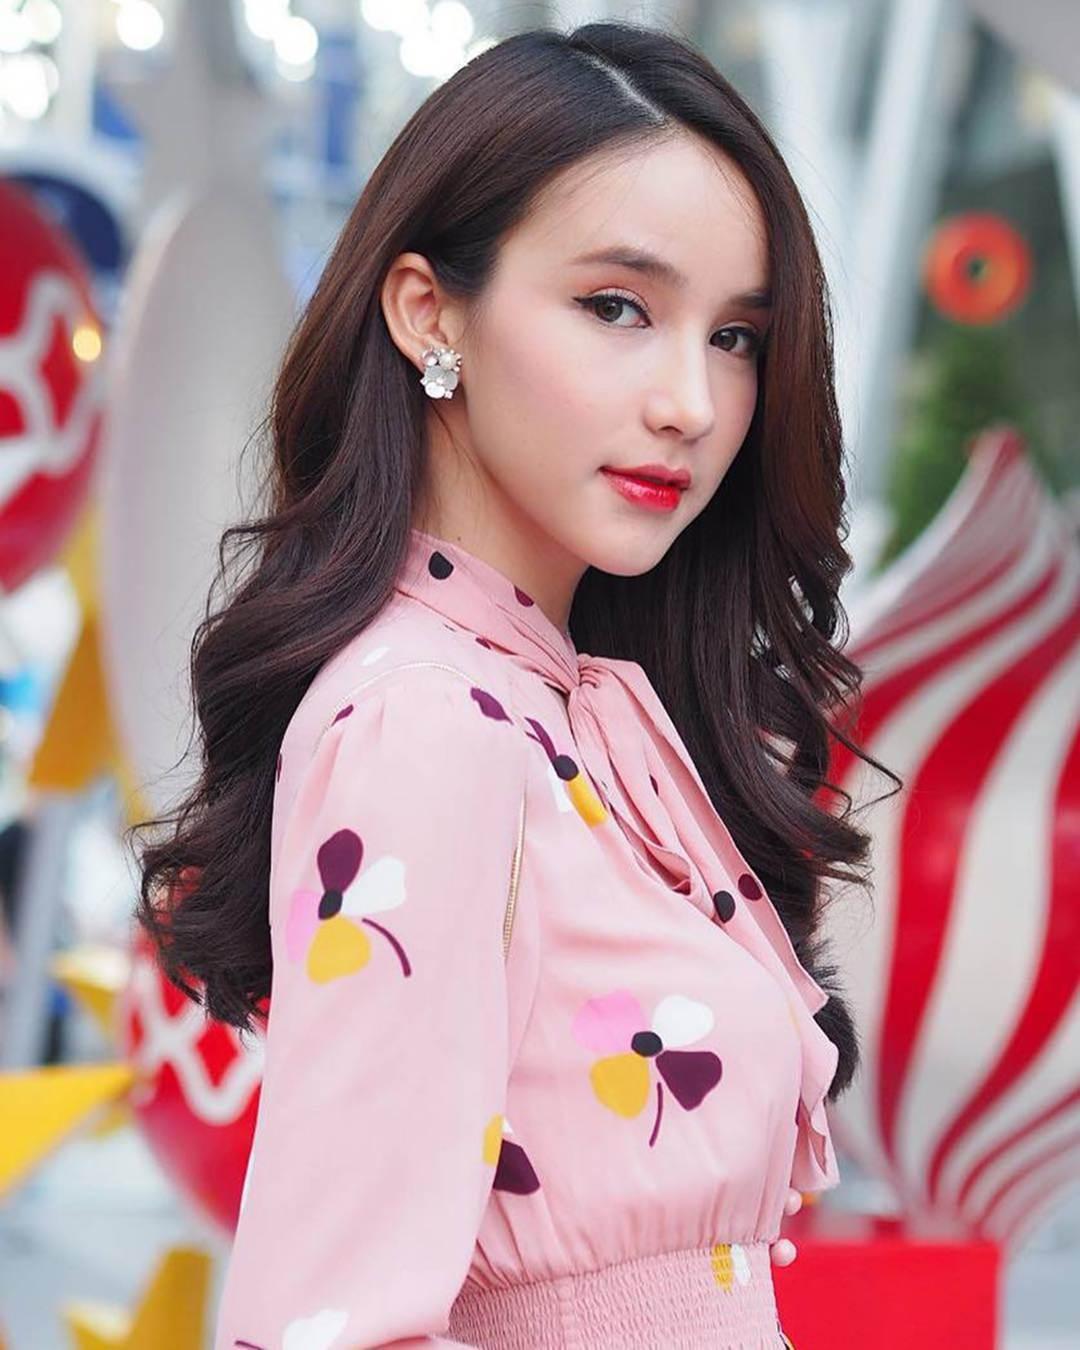 Nhan sắc xinh đẹp của nữ hoàng chuyển giới Thái Lan sau gần 2 năm-13